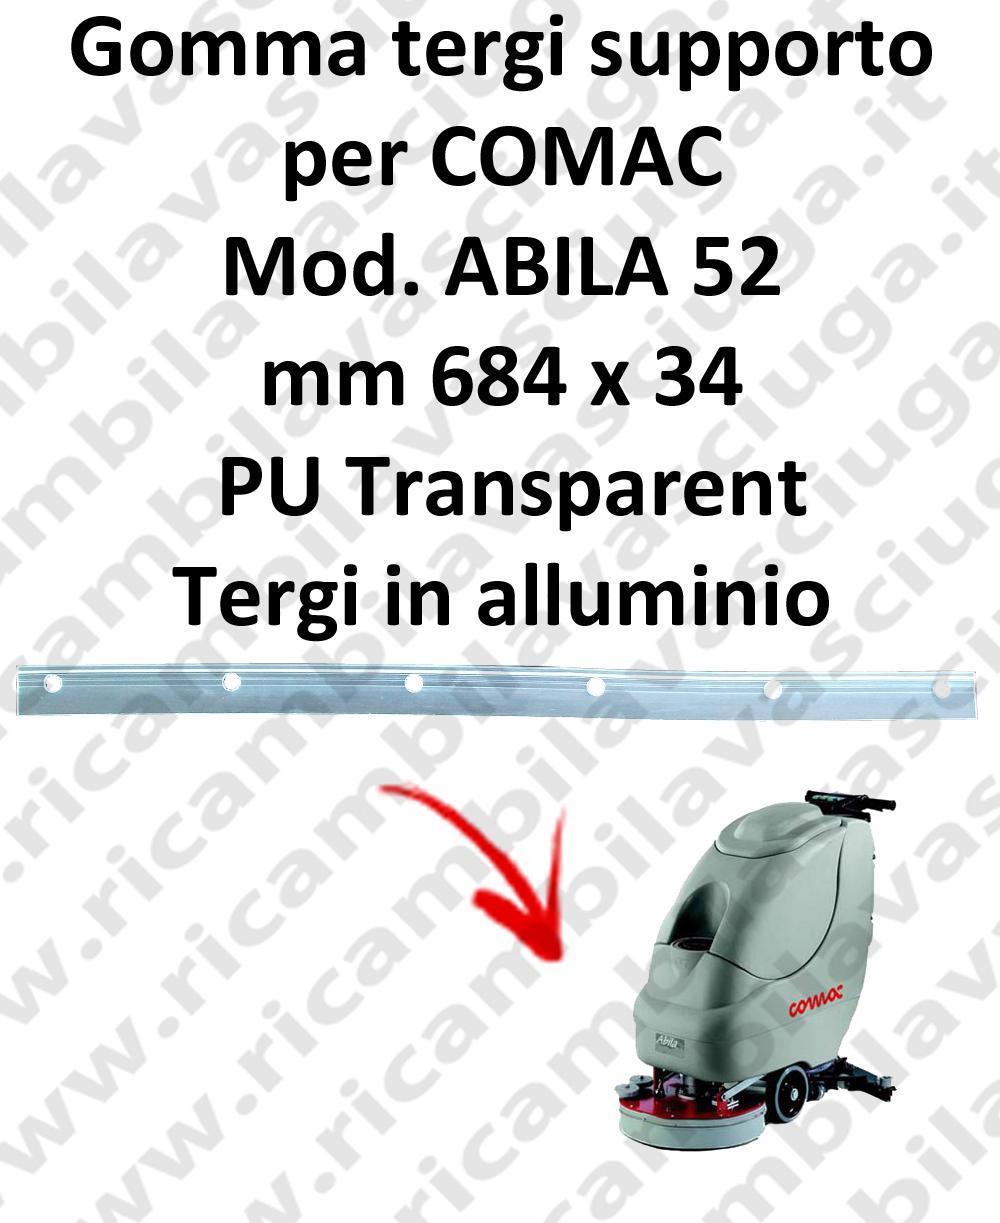 ABILA 52 goma de secado soporte para COMAC repuestos fregadoras squeegee